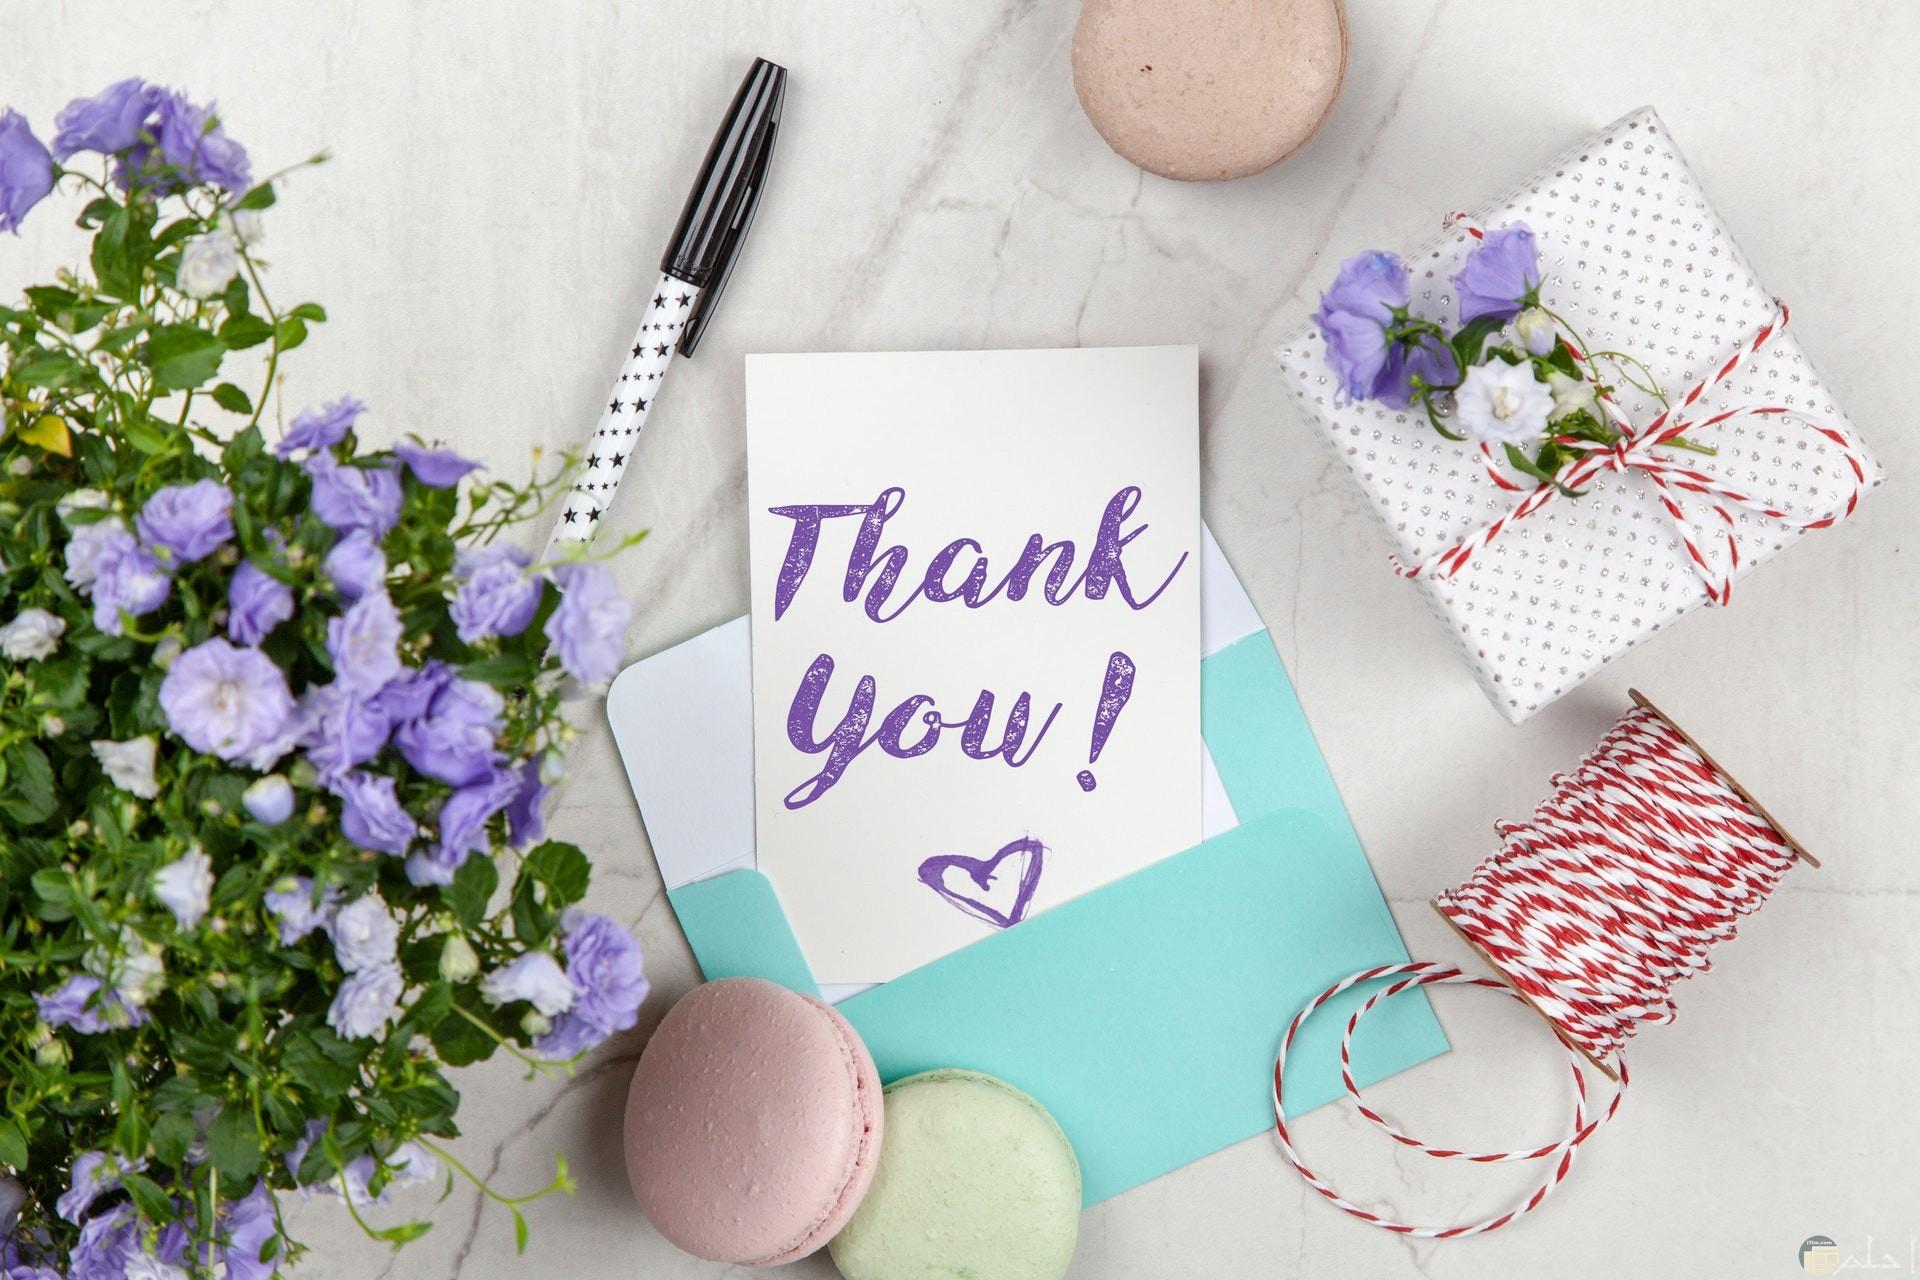 صورة مميزة جدا لشكرا للأصدقاء مكتوبة باللون البنفسجي وبجانبها باقة ورد بنفسجية وقلم وهدية مغلفة